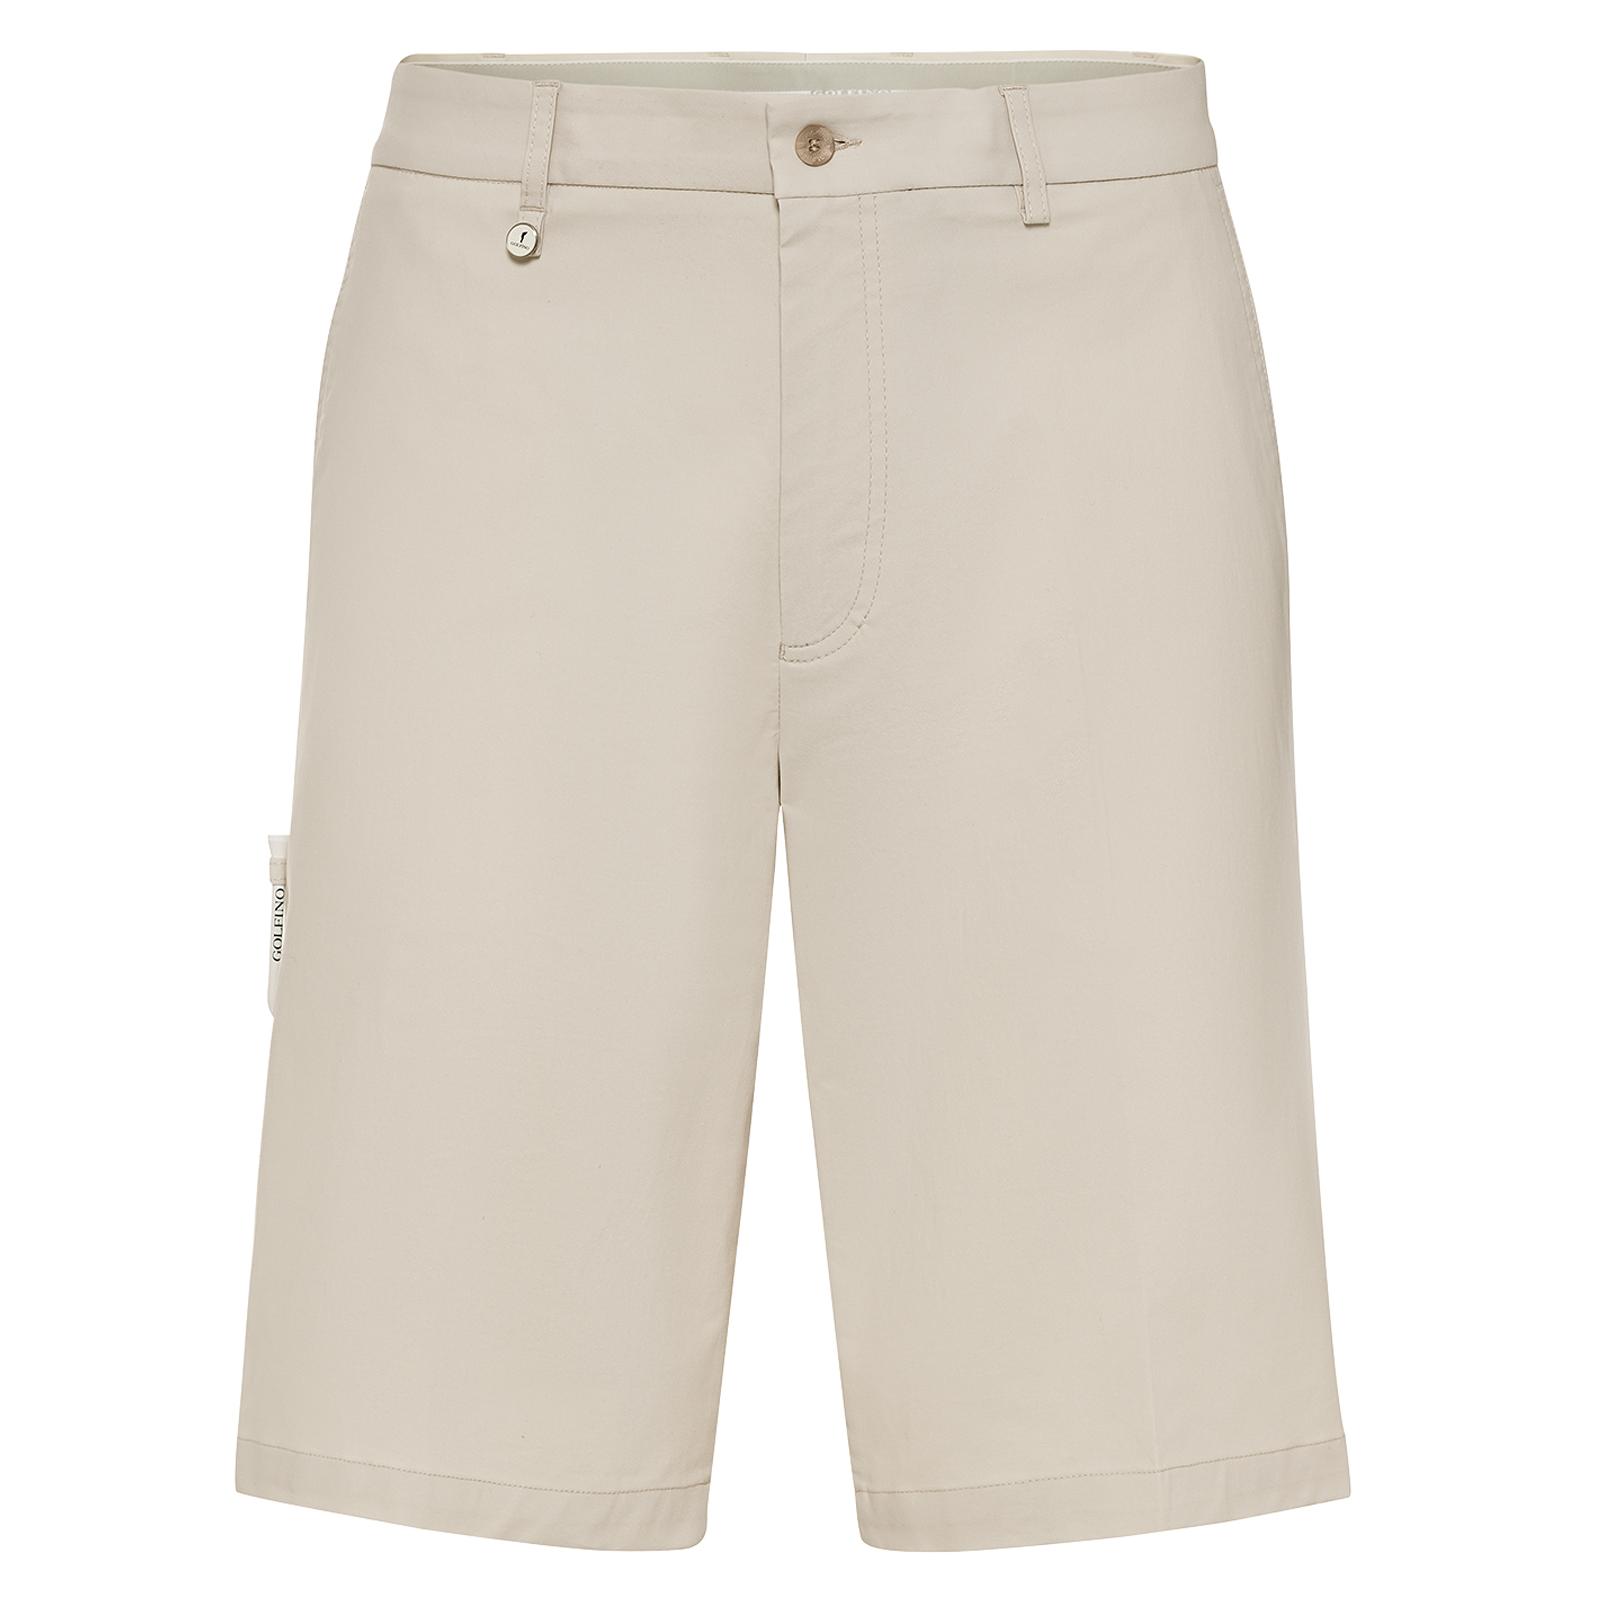 Herren Golf-Bermuda Extra Stretch Komfort mit Sonnenschutz